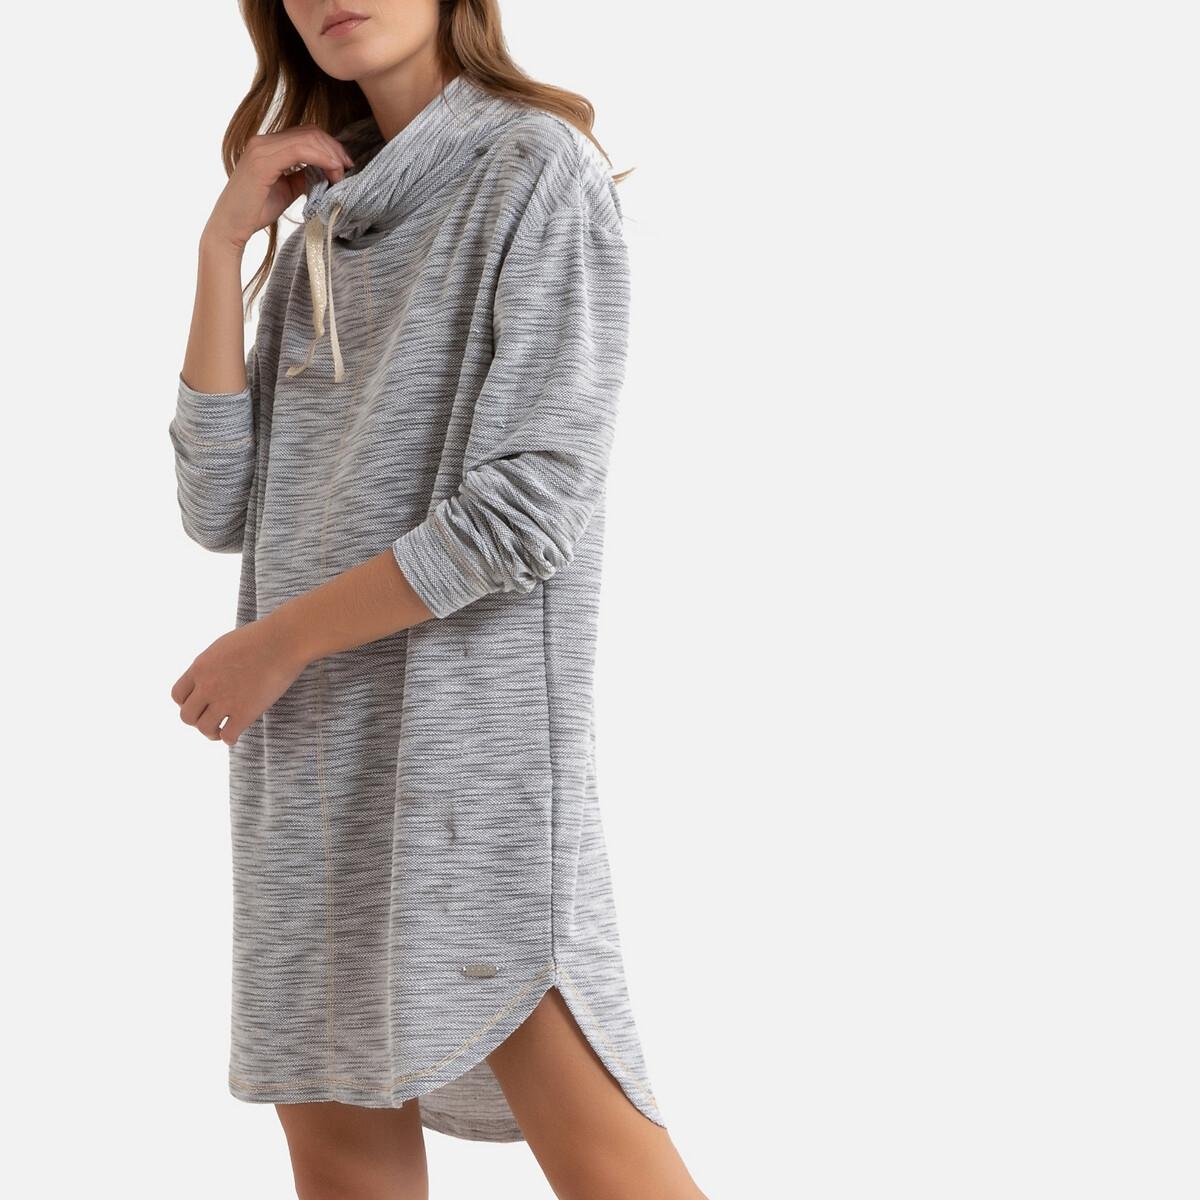 Рубашка LaRedoute — Ночная с воротником-стойкой S серый